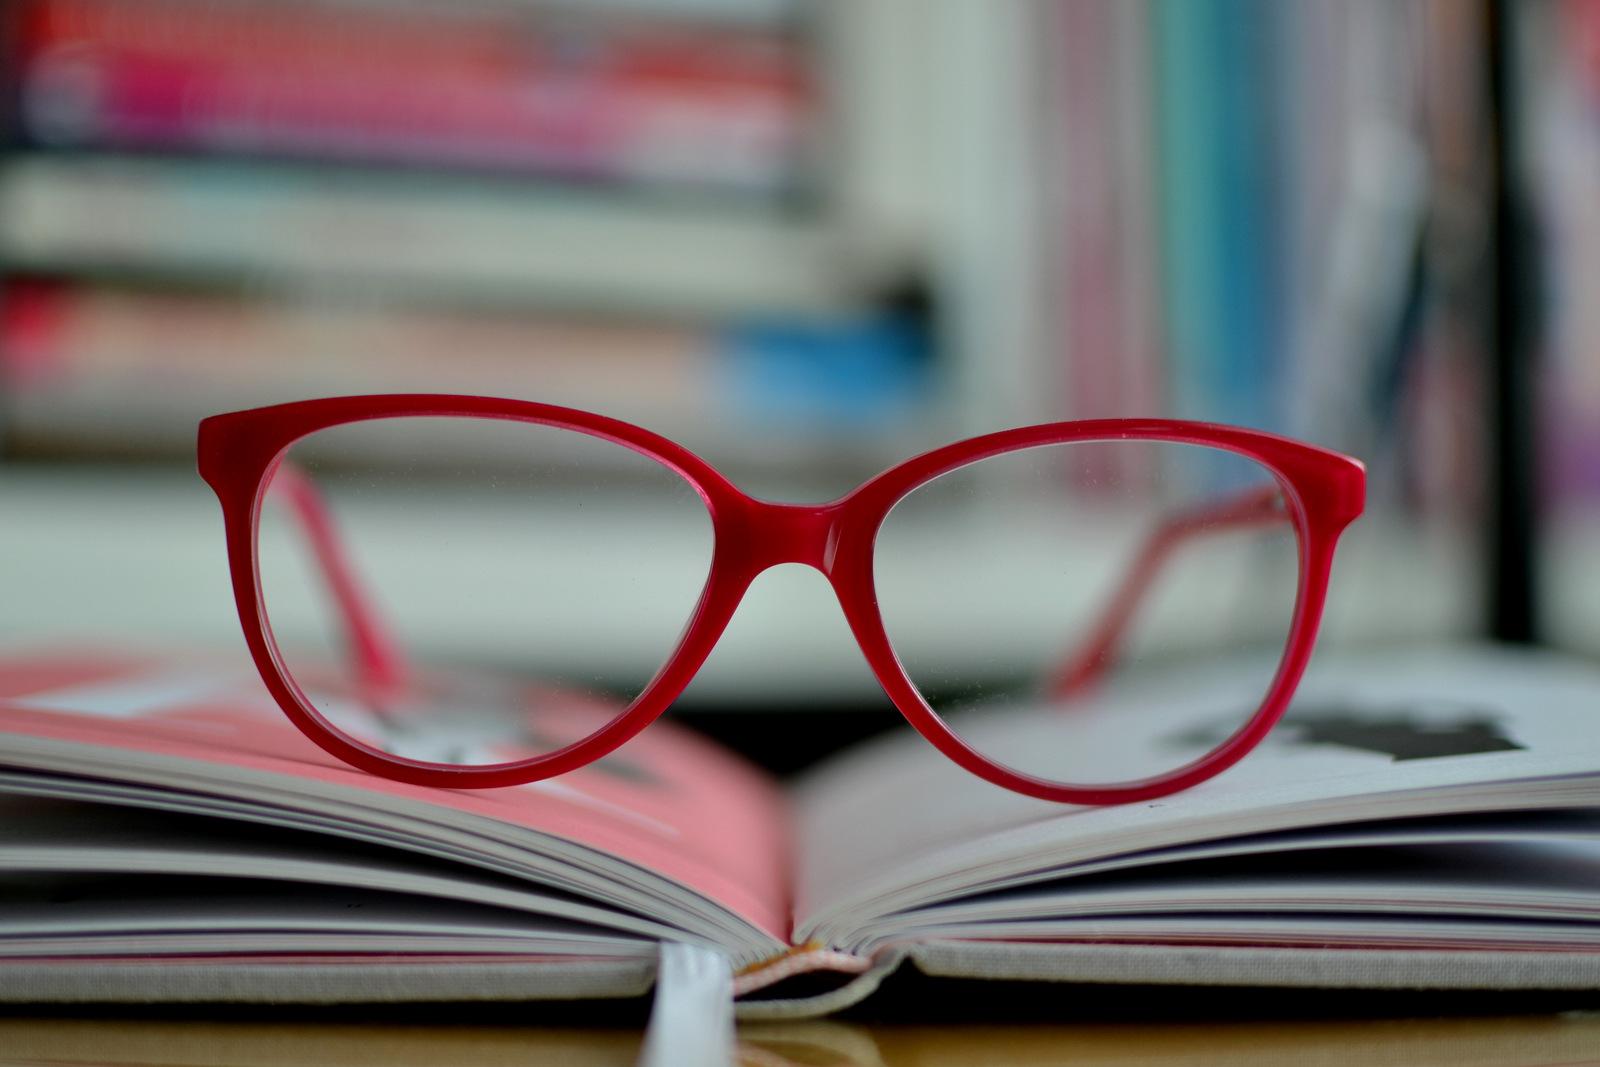 6841fce30 Dioptrické okuliare už nemusia byť iba zdravotná pomôcka, povýšte ich na  módny doplnok :) (nemyslím tým